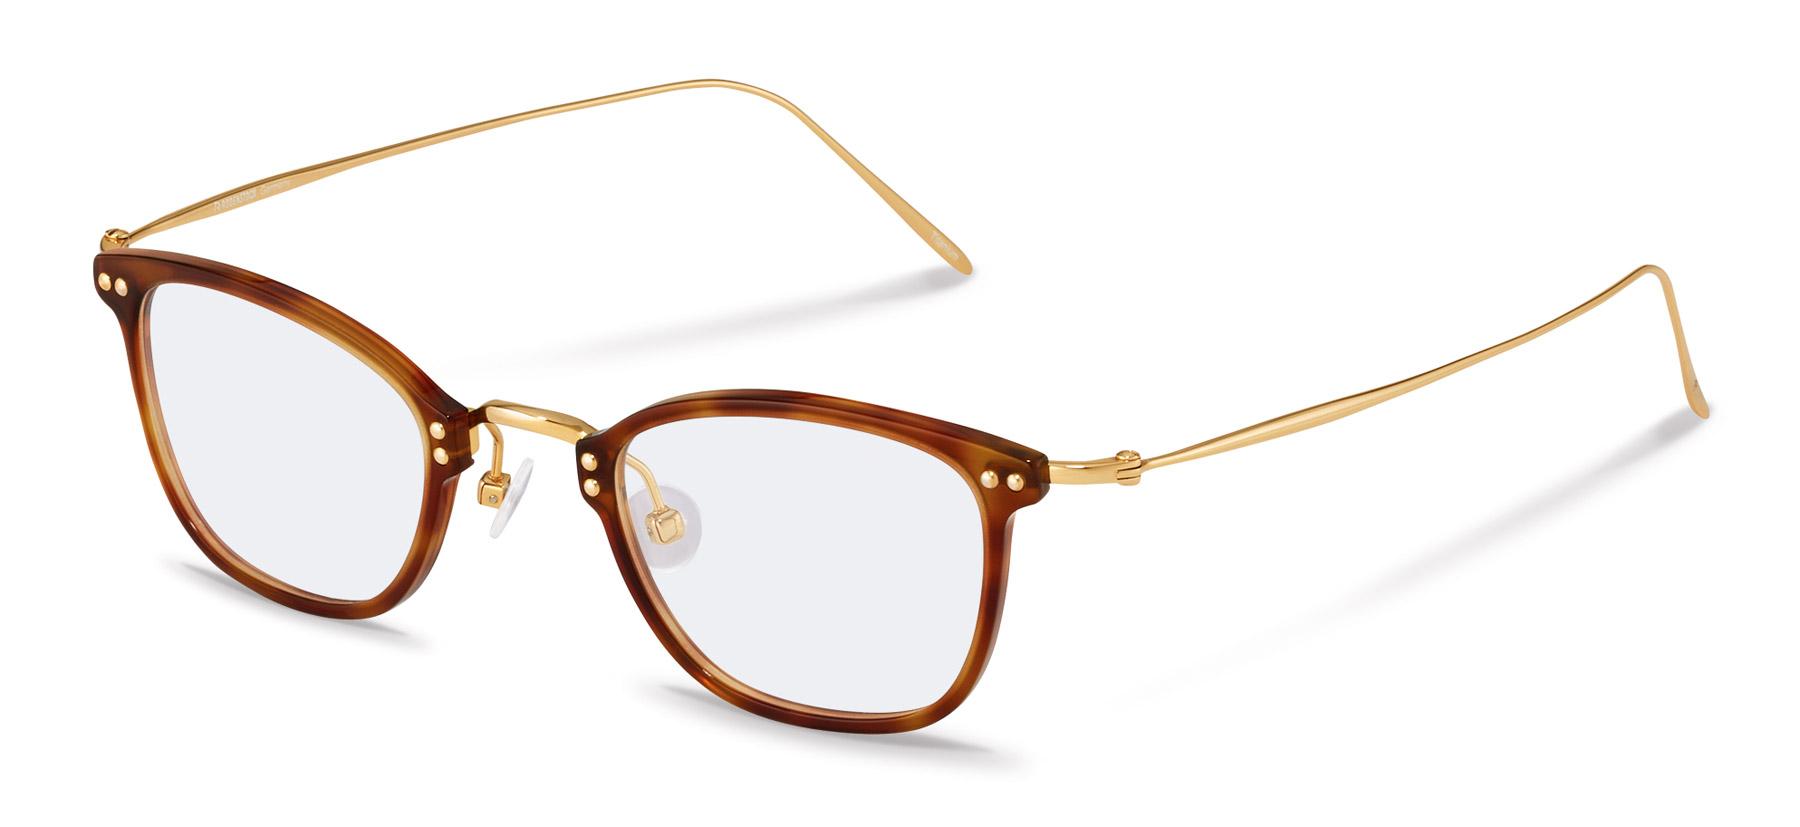 Probarse gafas en línea | Rodenstock